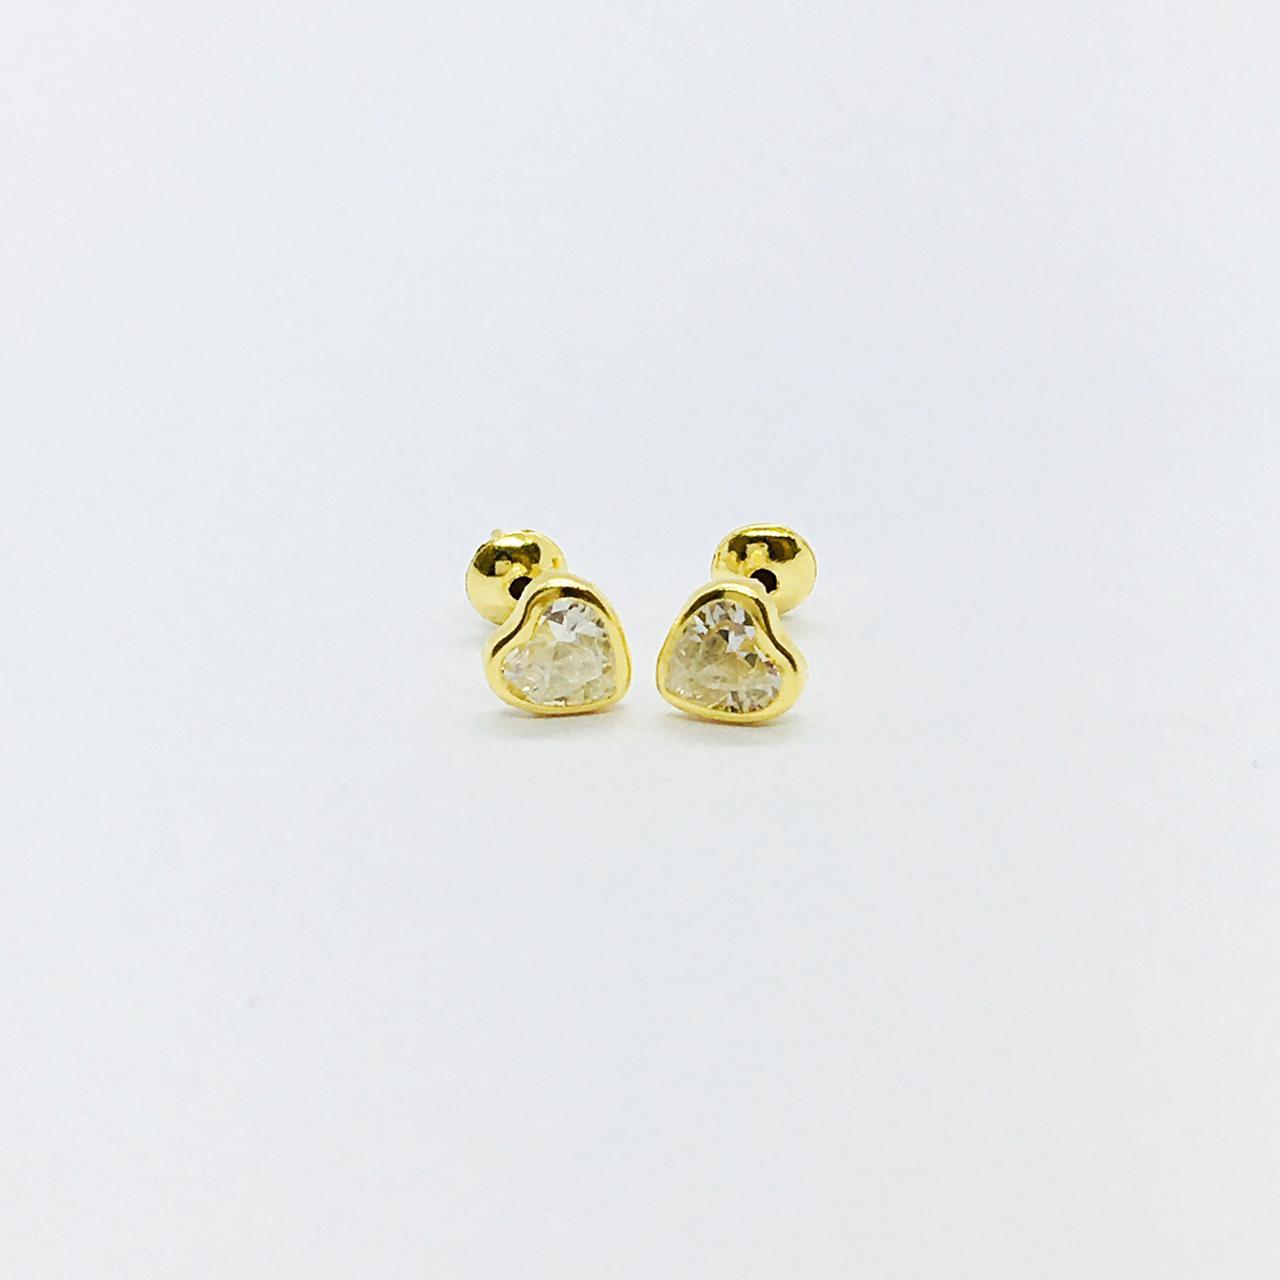 Brinco Ouro 18K Coração Zircônia 5mm